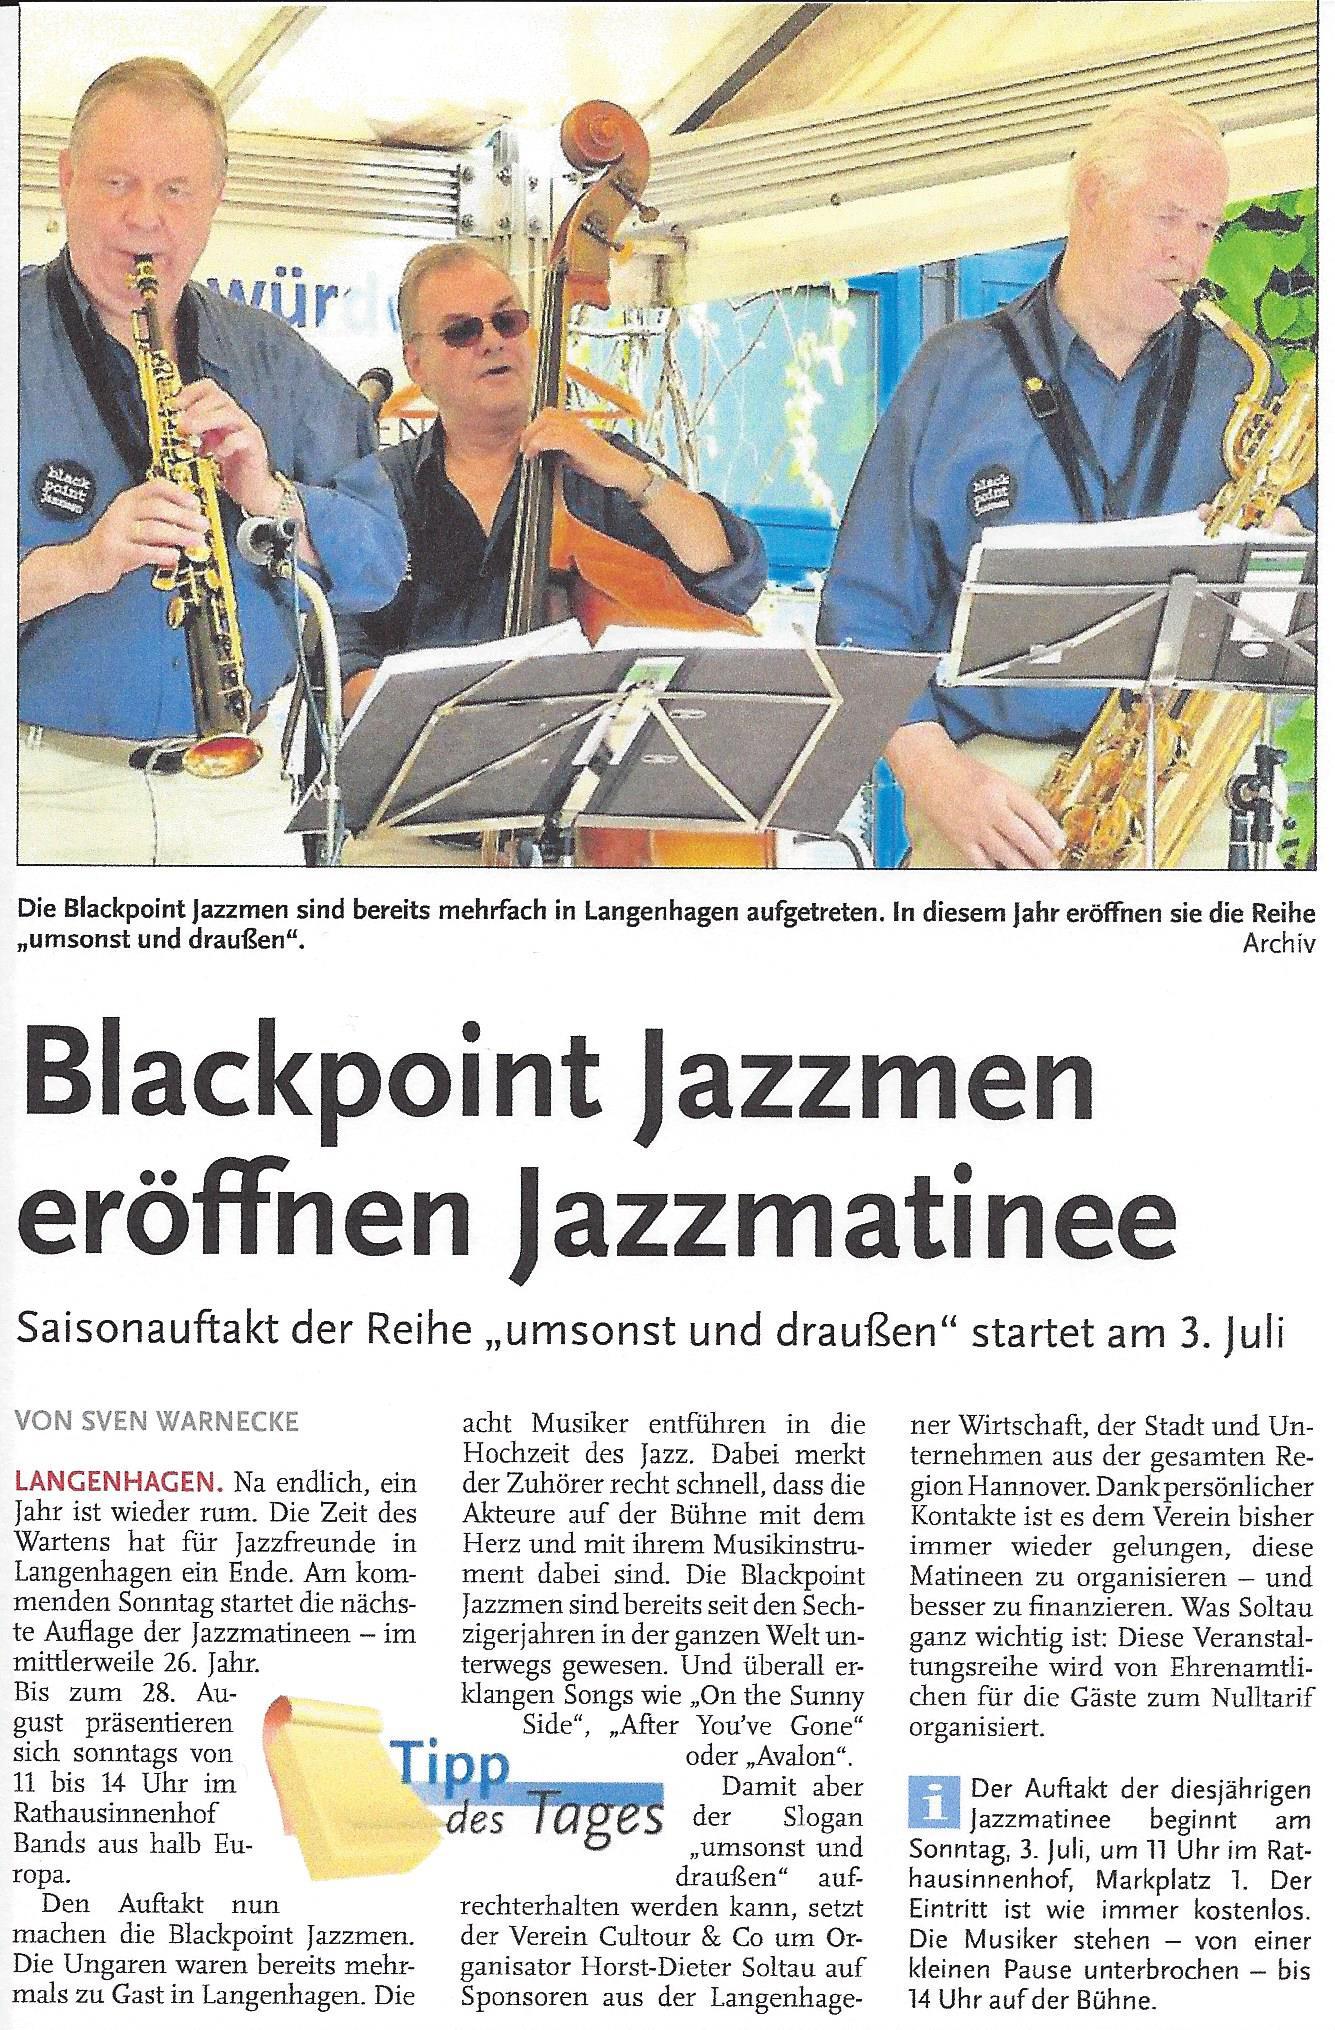 Blackpoint Jazzmen eröffnen Jazzmatinee